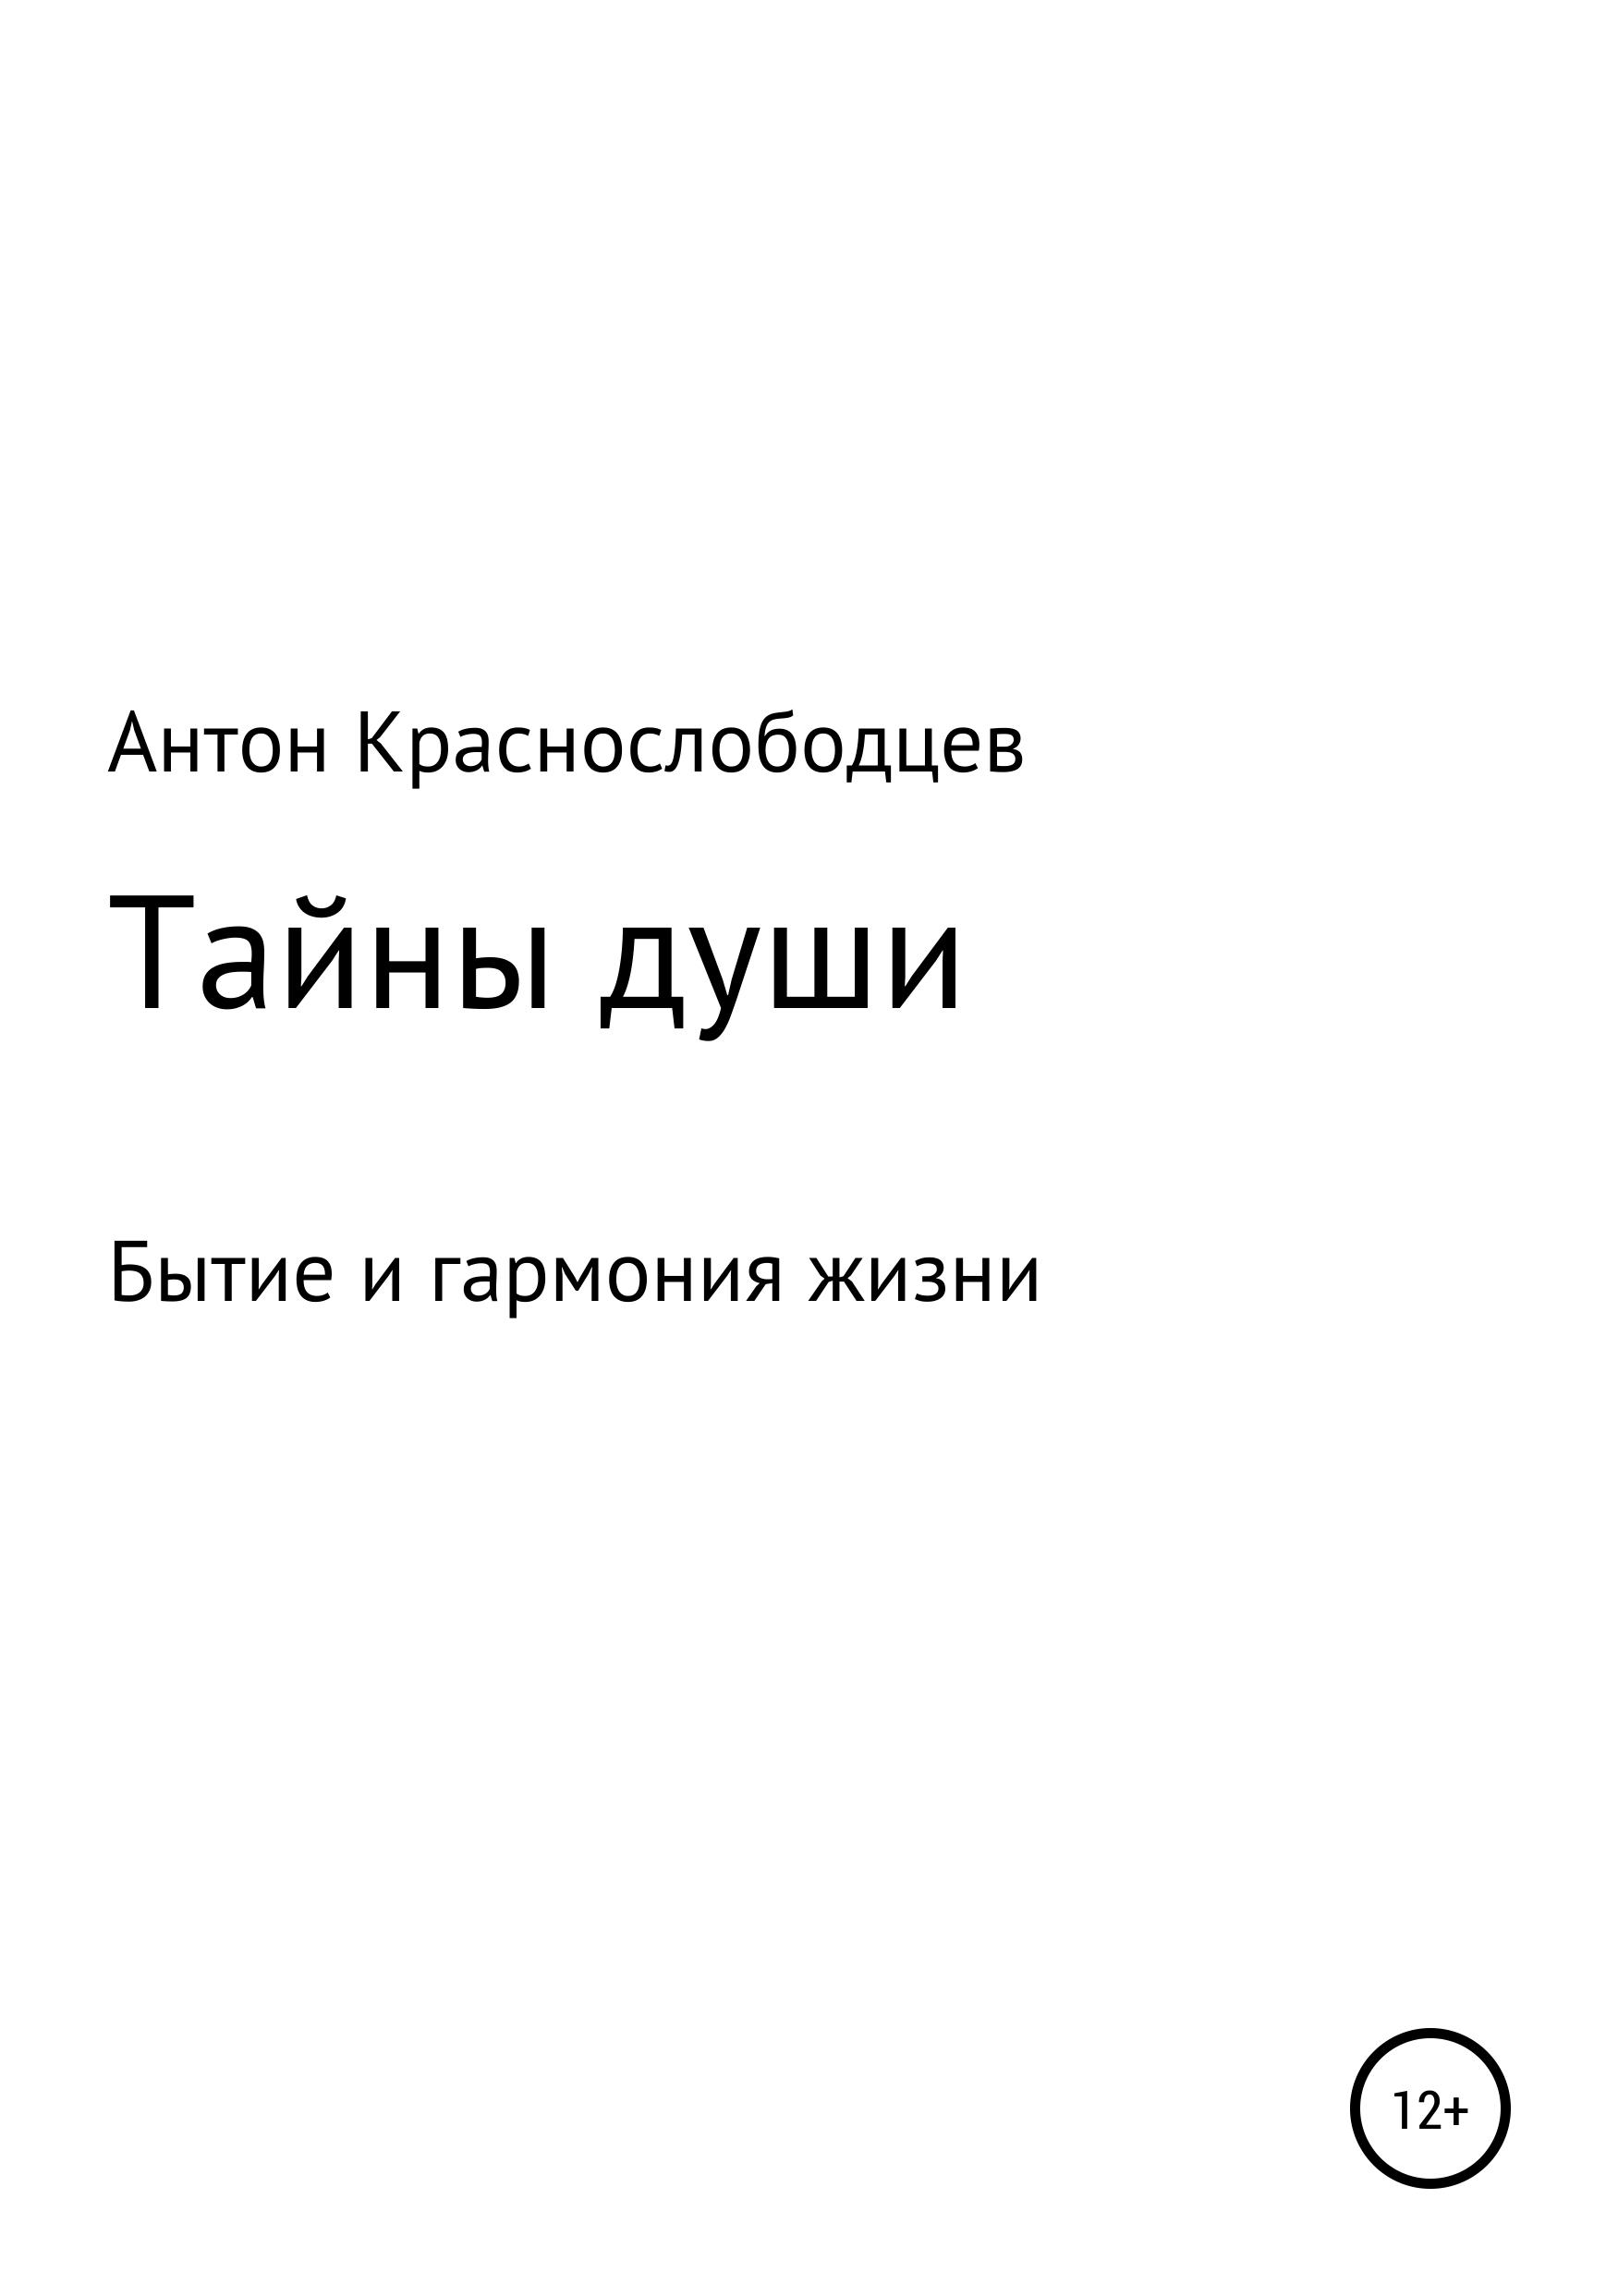 Фото - Антон Алексеевич Краснослободцев Тайны души настройки для ума как избавиться от страданий и обрести душевное спокойствие